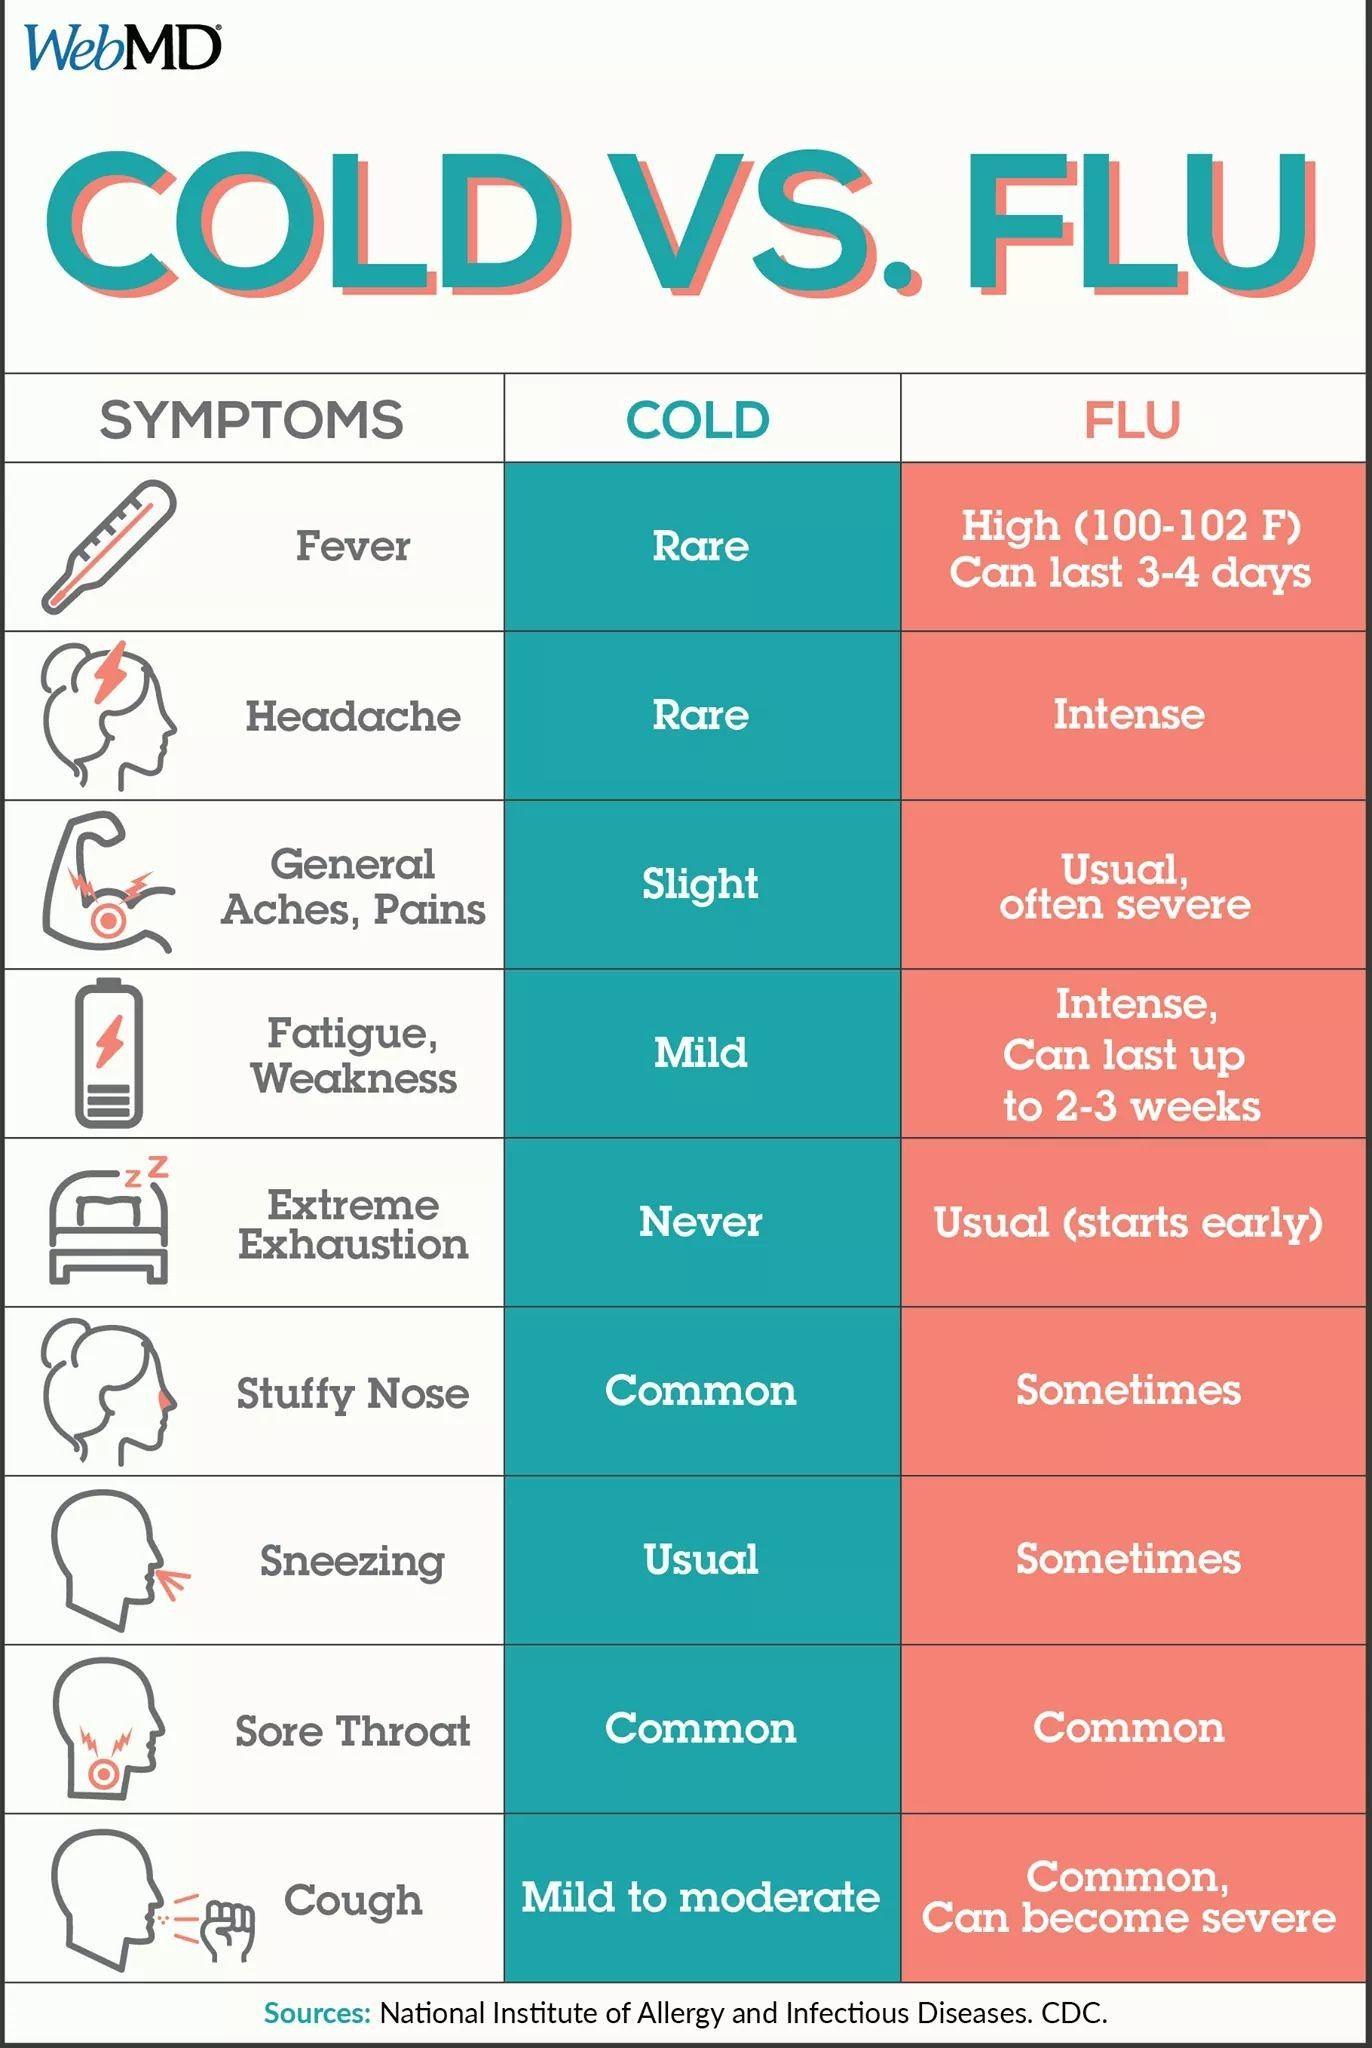 Cold vs flu | Baby | Flu, Cold vs flu, Health